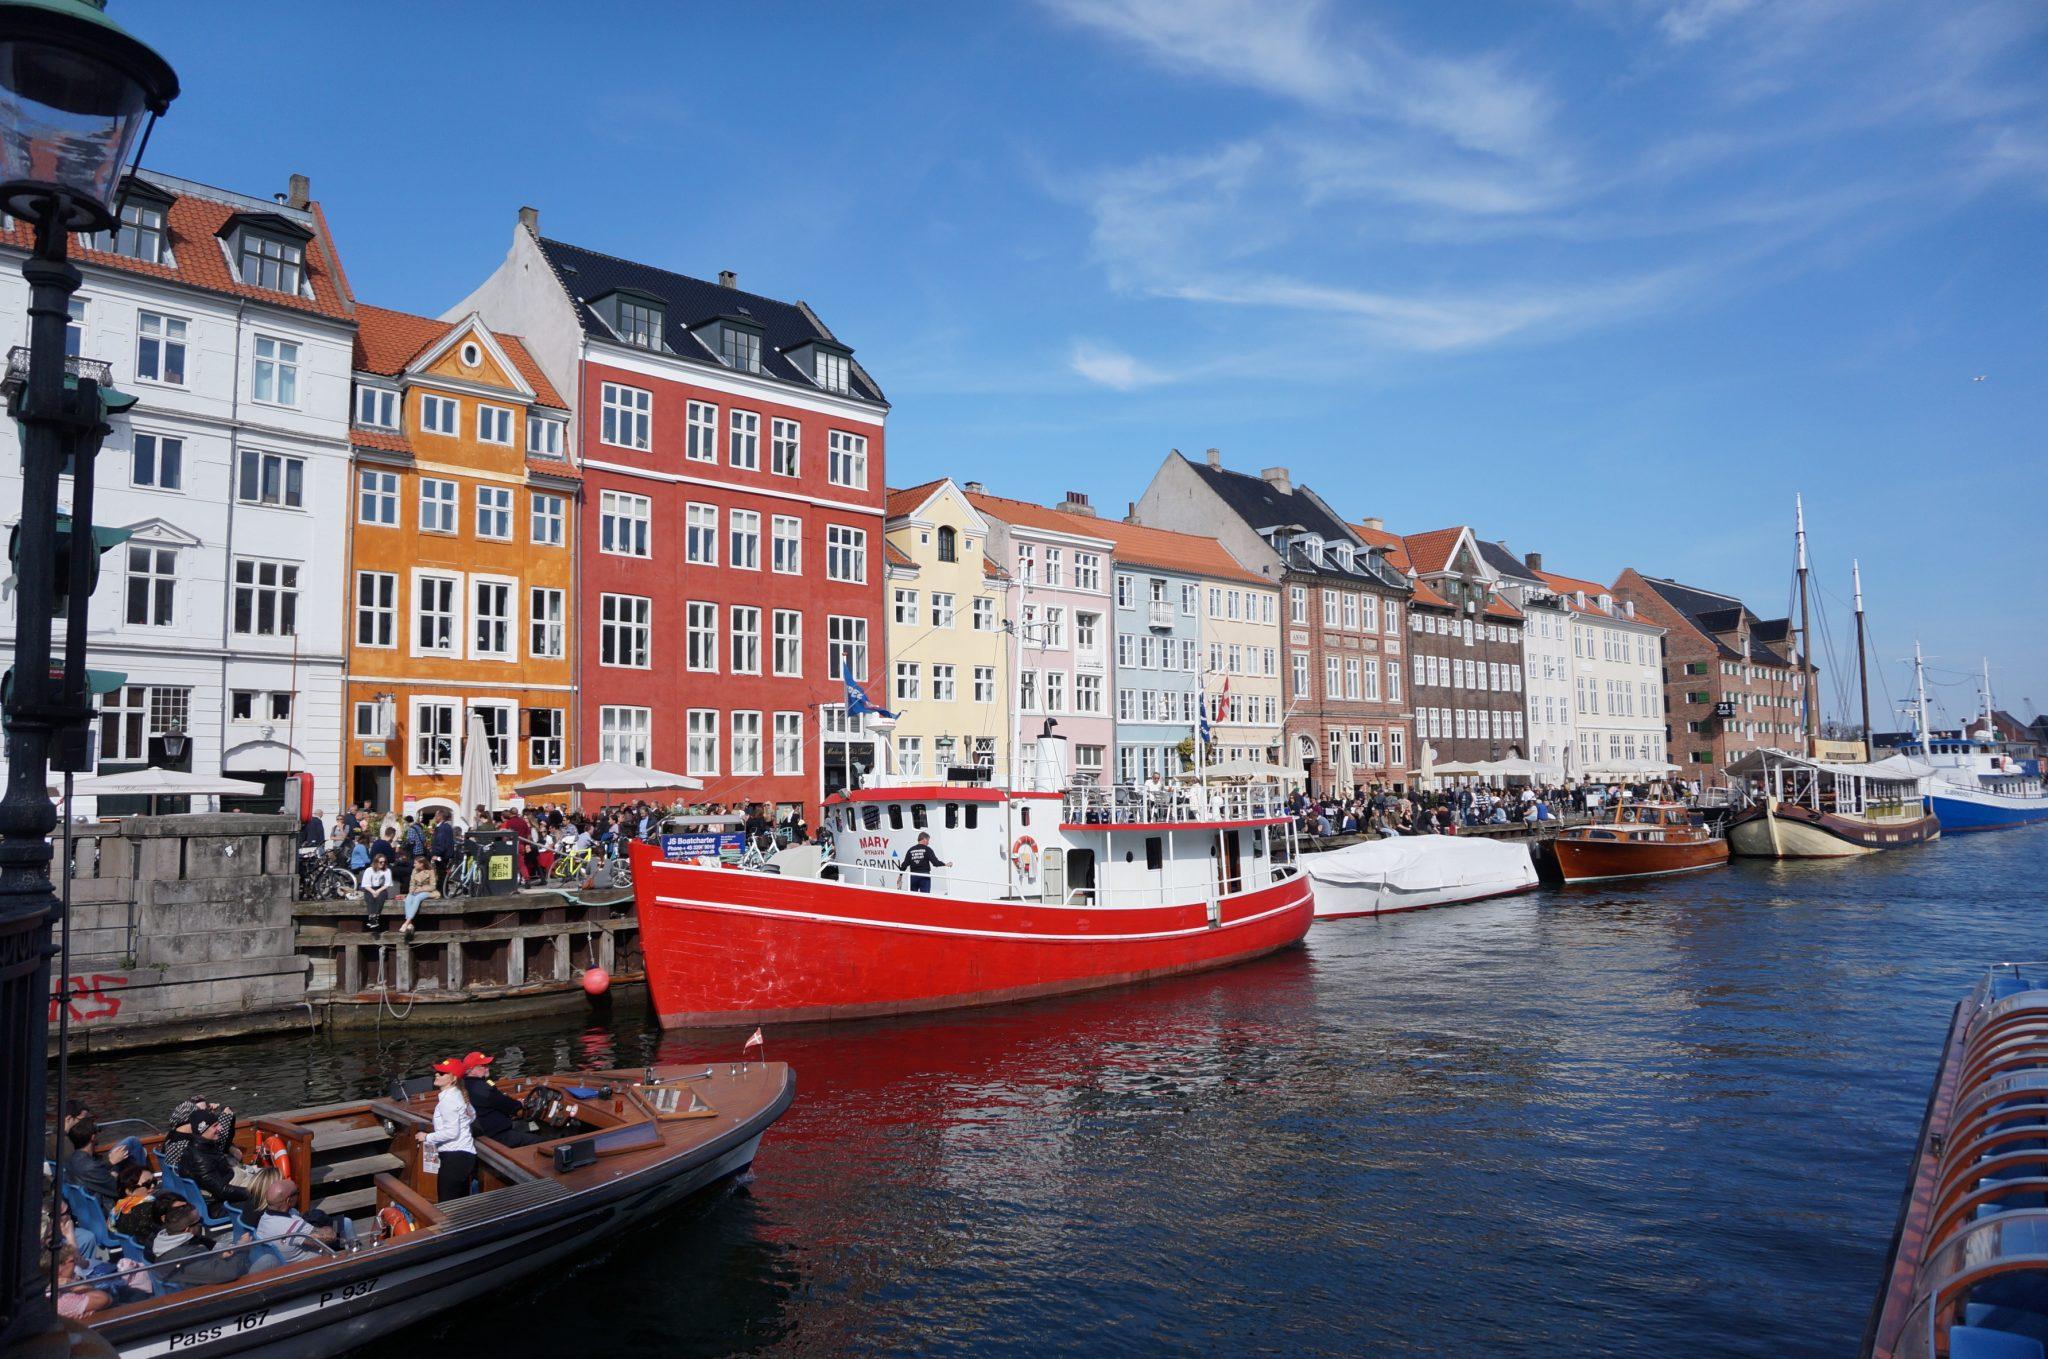 DSC04367 - Kopenhaga - Architour